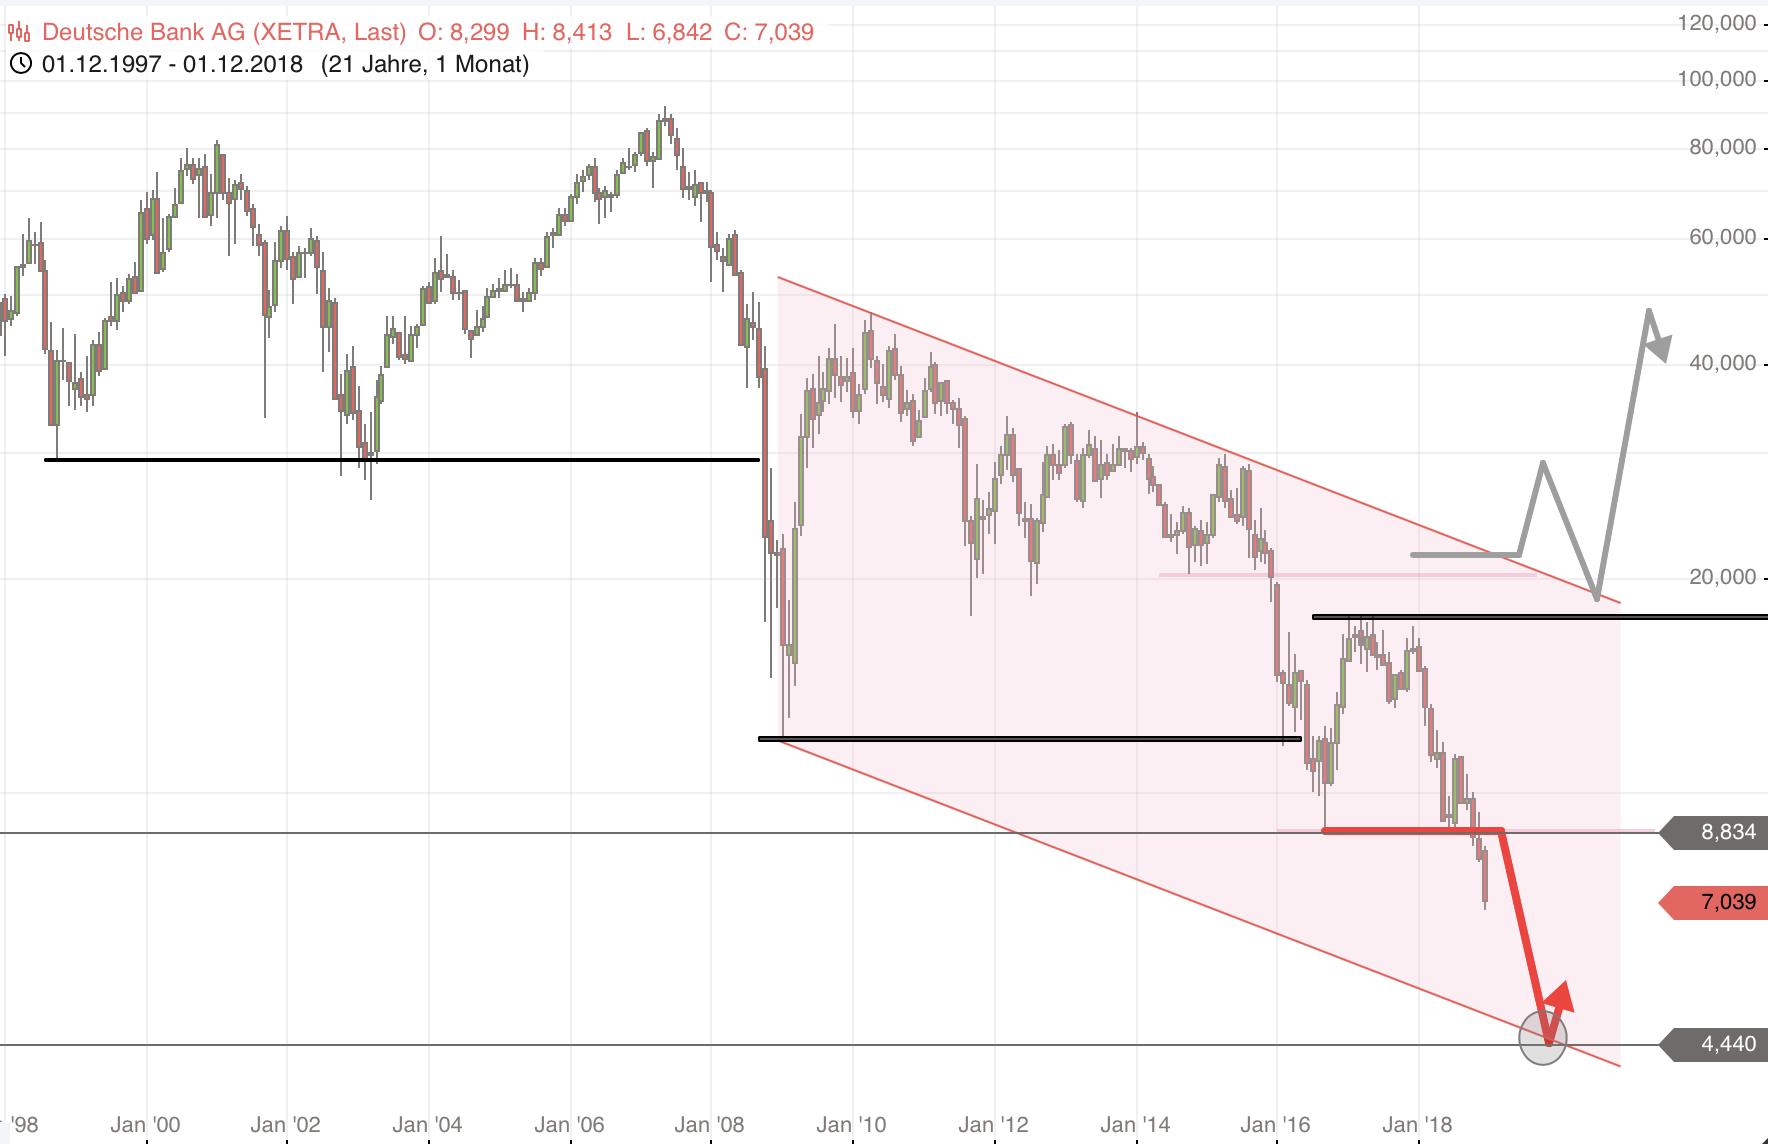 DEUTSCHE-BANK-Unter-8-83-Euro-startete-weitere-Halbierung-Chartanalyse-Rocco-Gräfe-GodmodeTrader.de-1